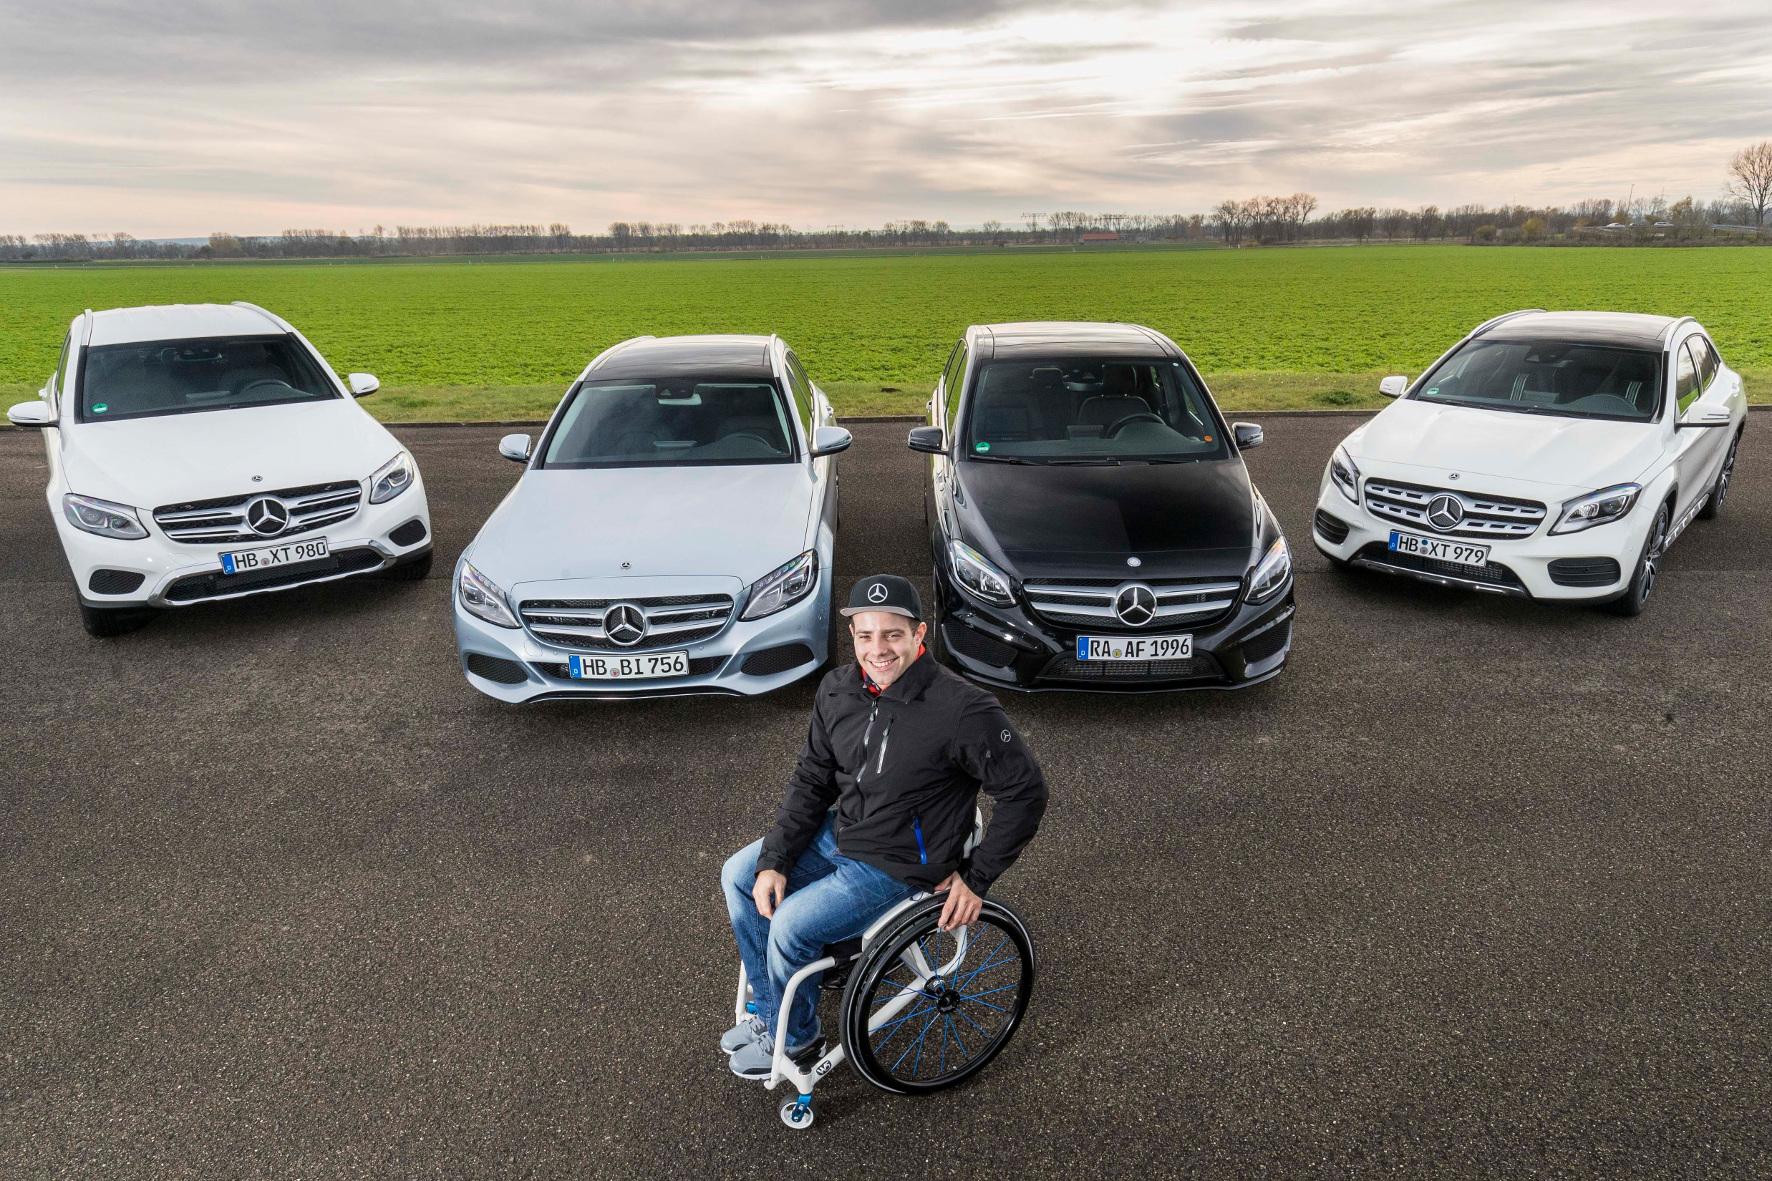 Hamburg: Autobauer ist Partner der Rollstuhlbasketball-WM